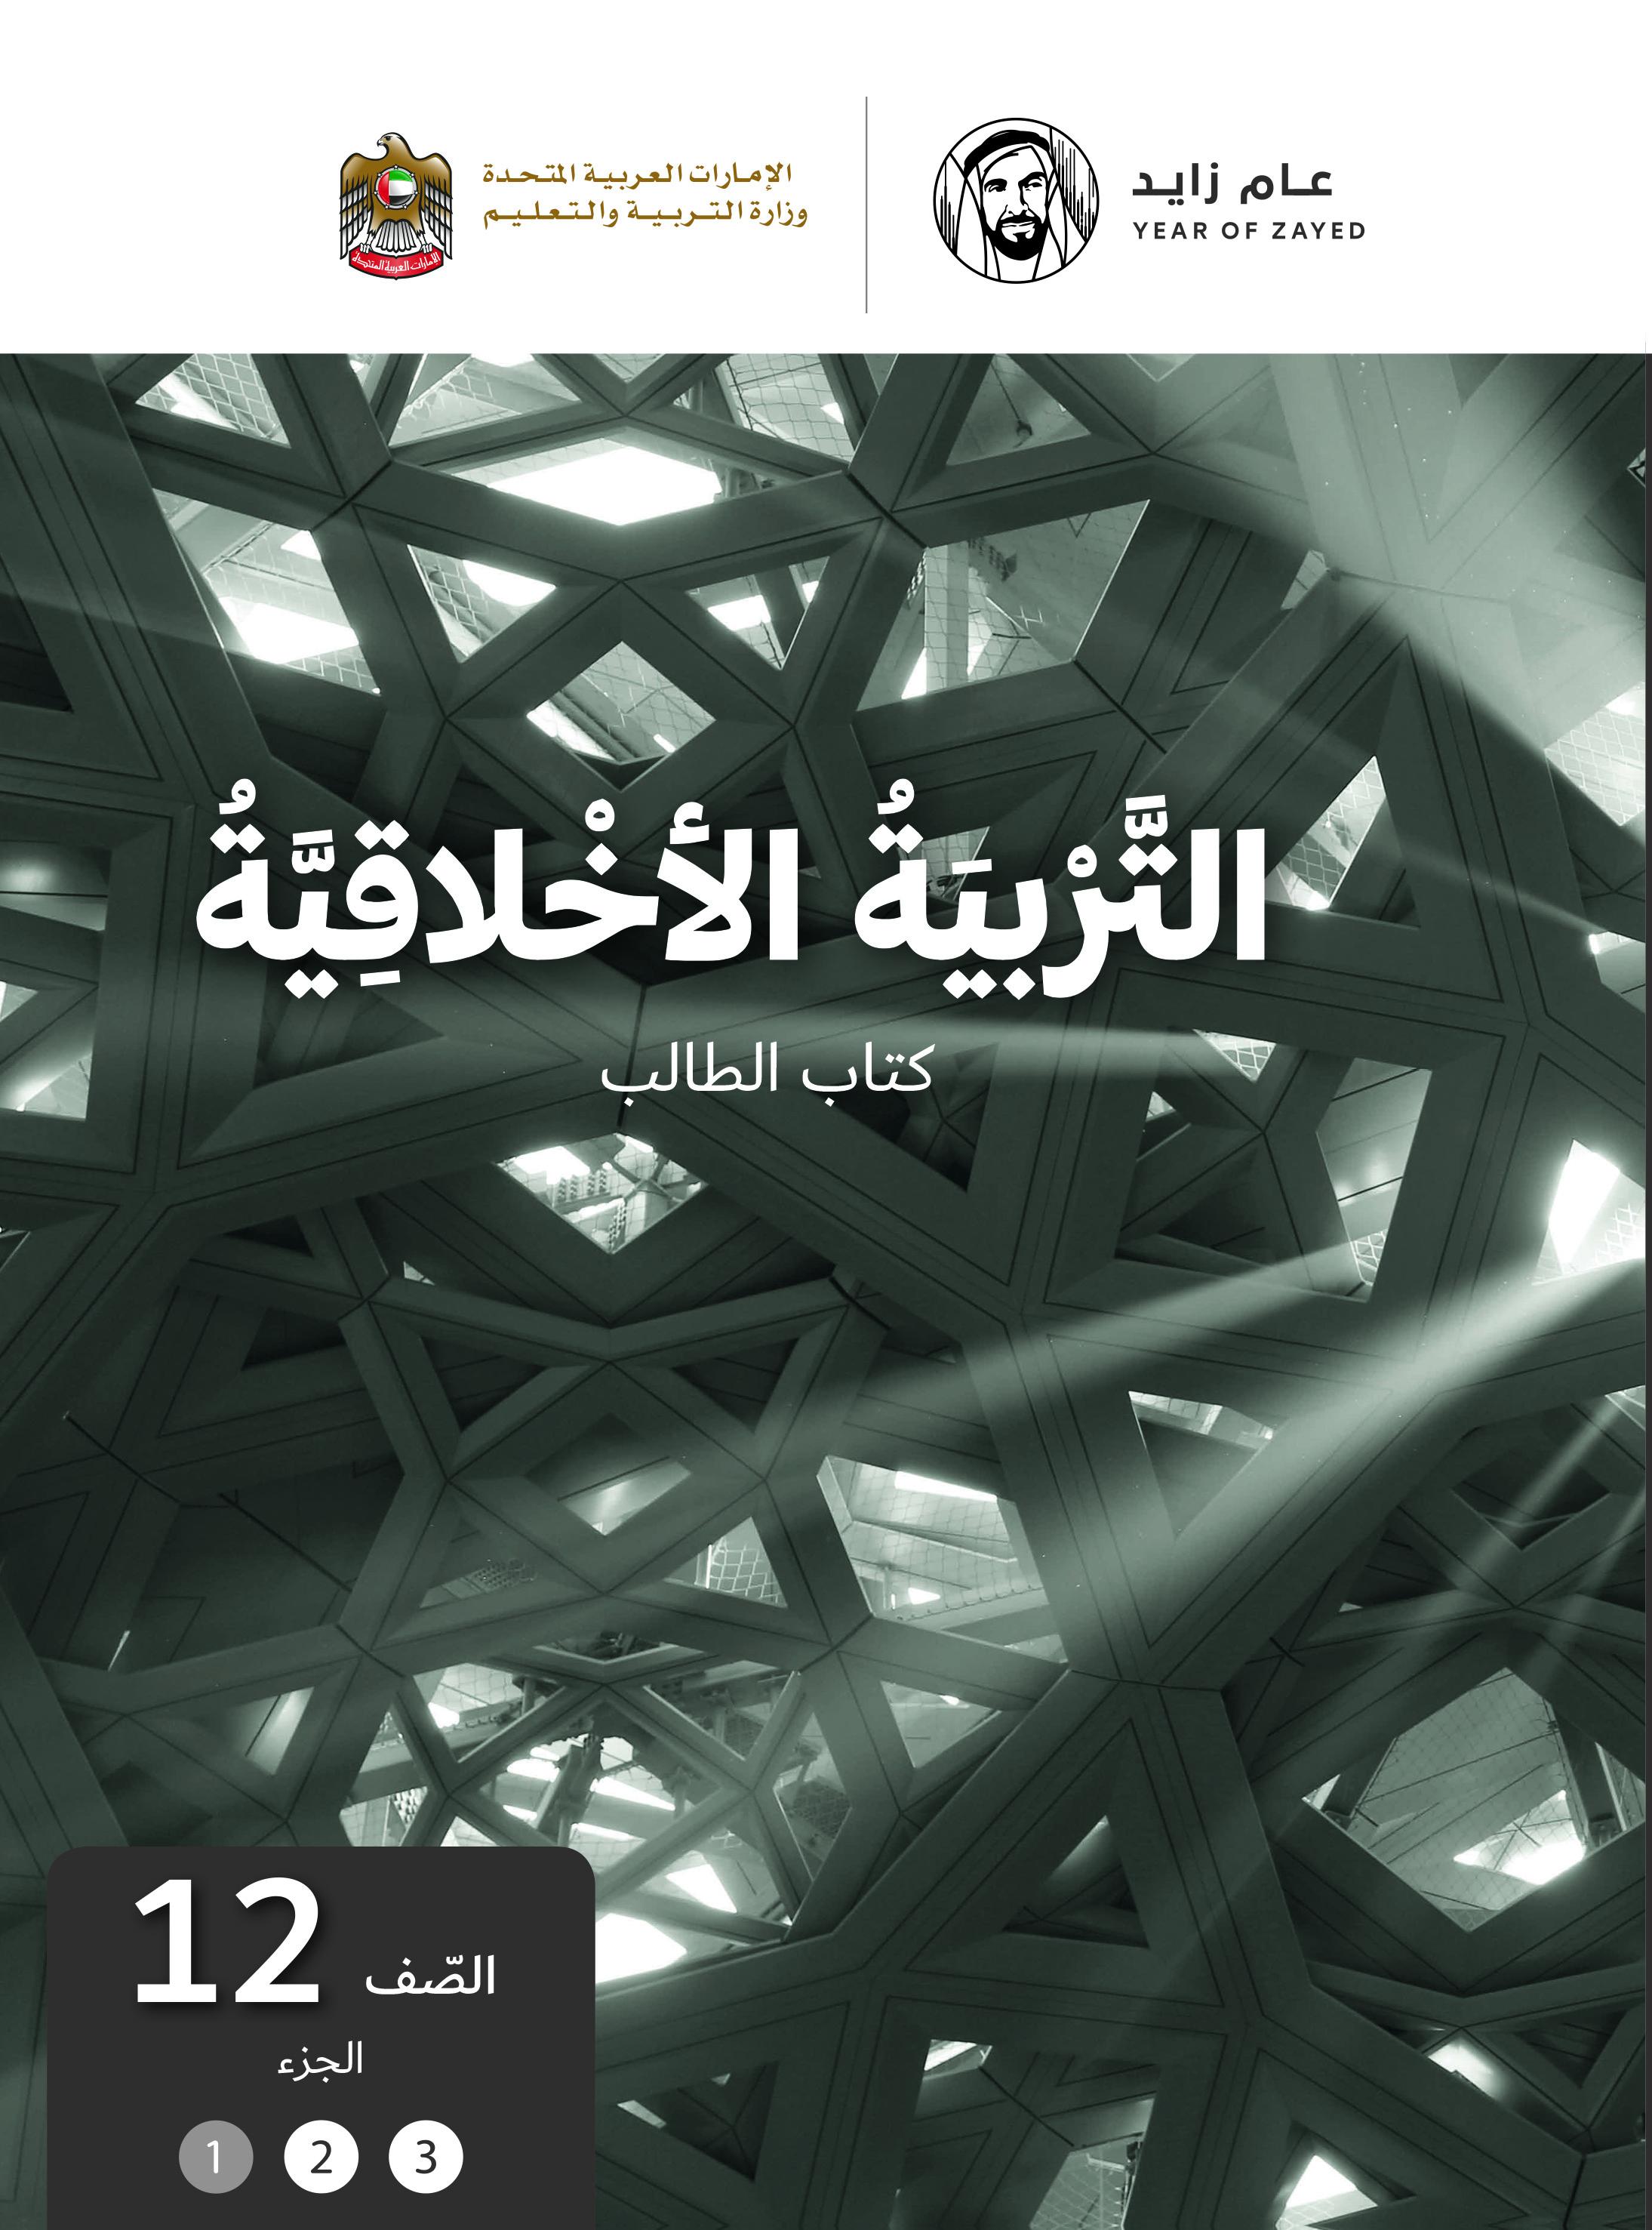 التربية الأخلاقية - كتاب الطالب - الصف الثاني  عشر - الجزء الأول